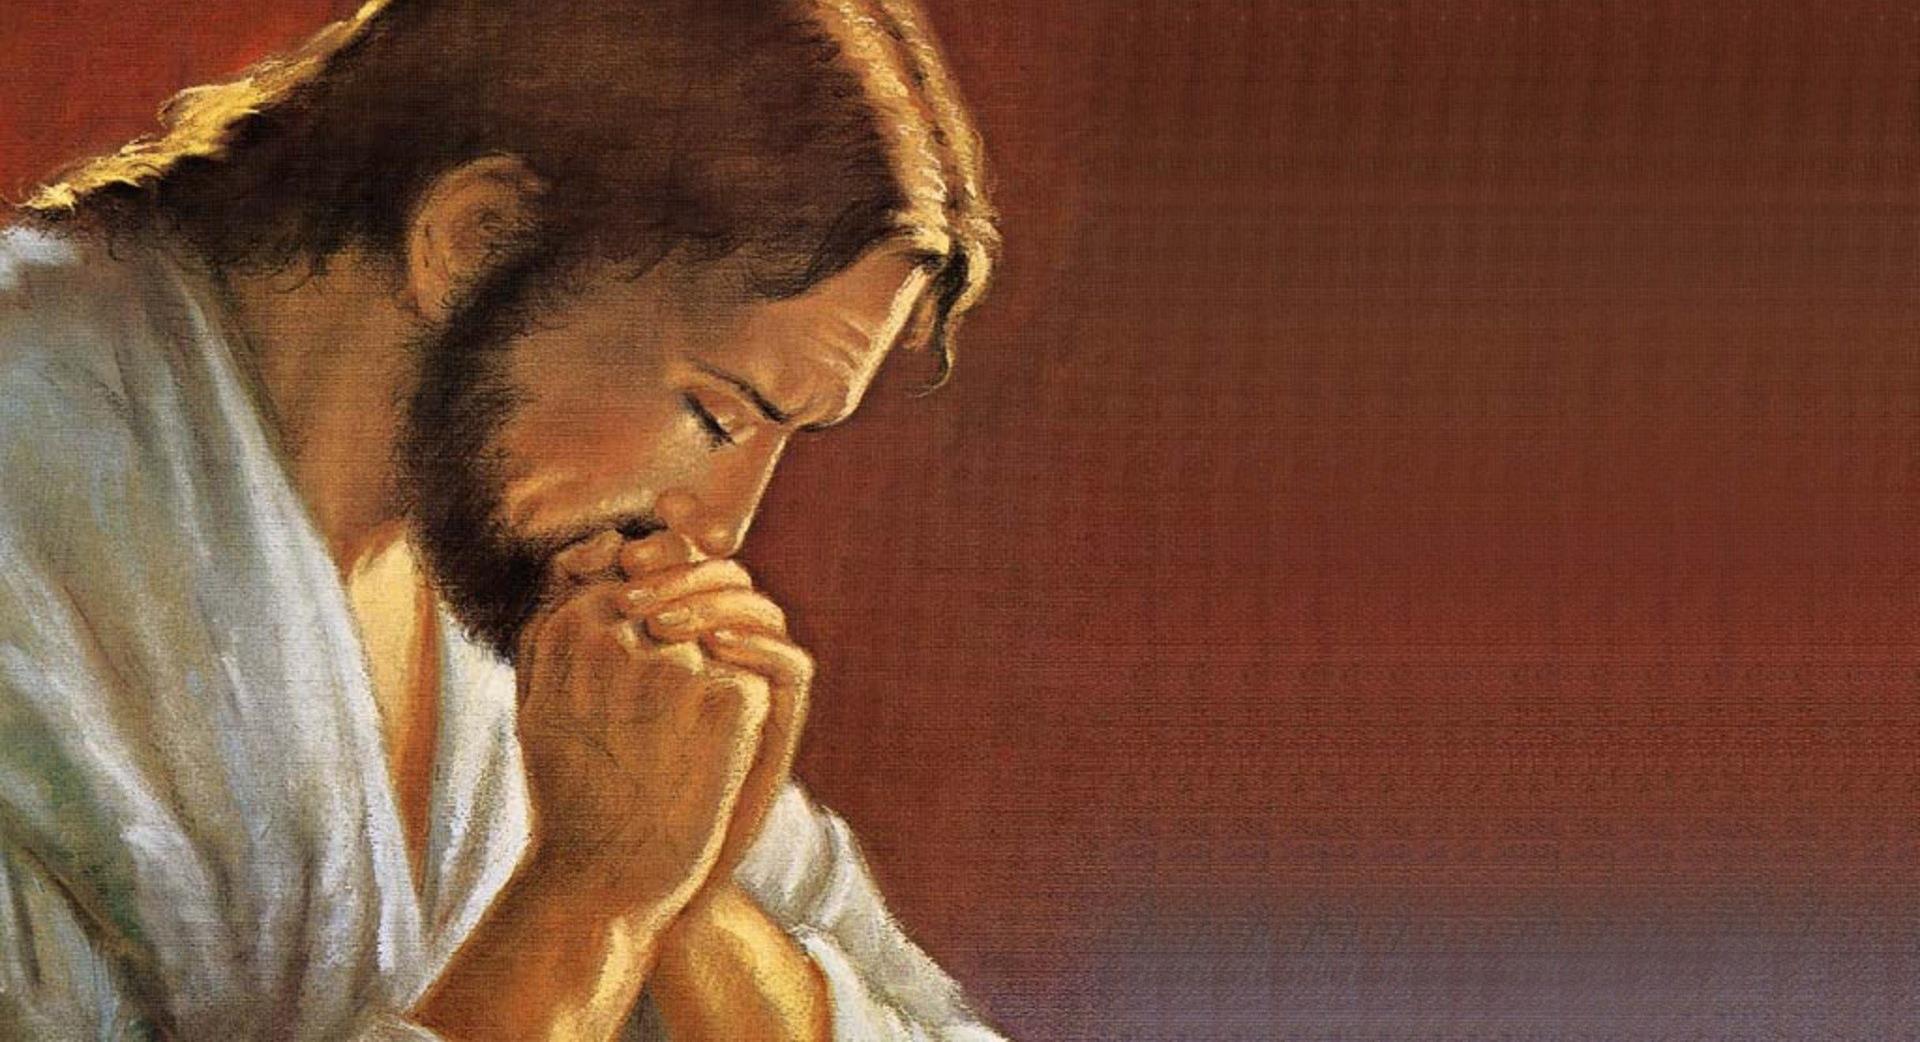 Panie naucz nas się modlić  17 niedziela zwykła - 28 lipca 2019